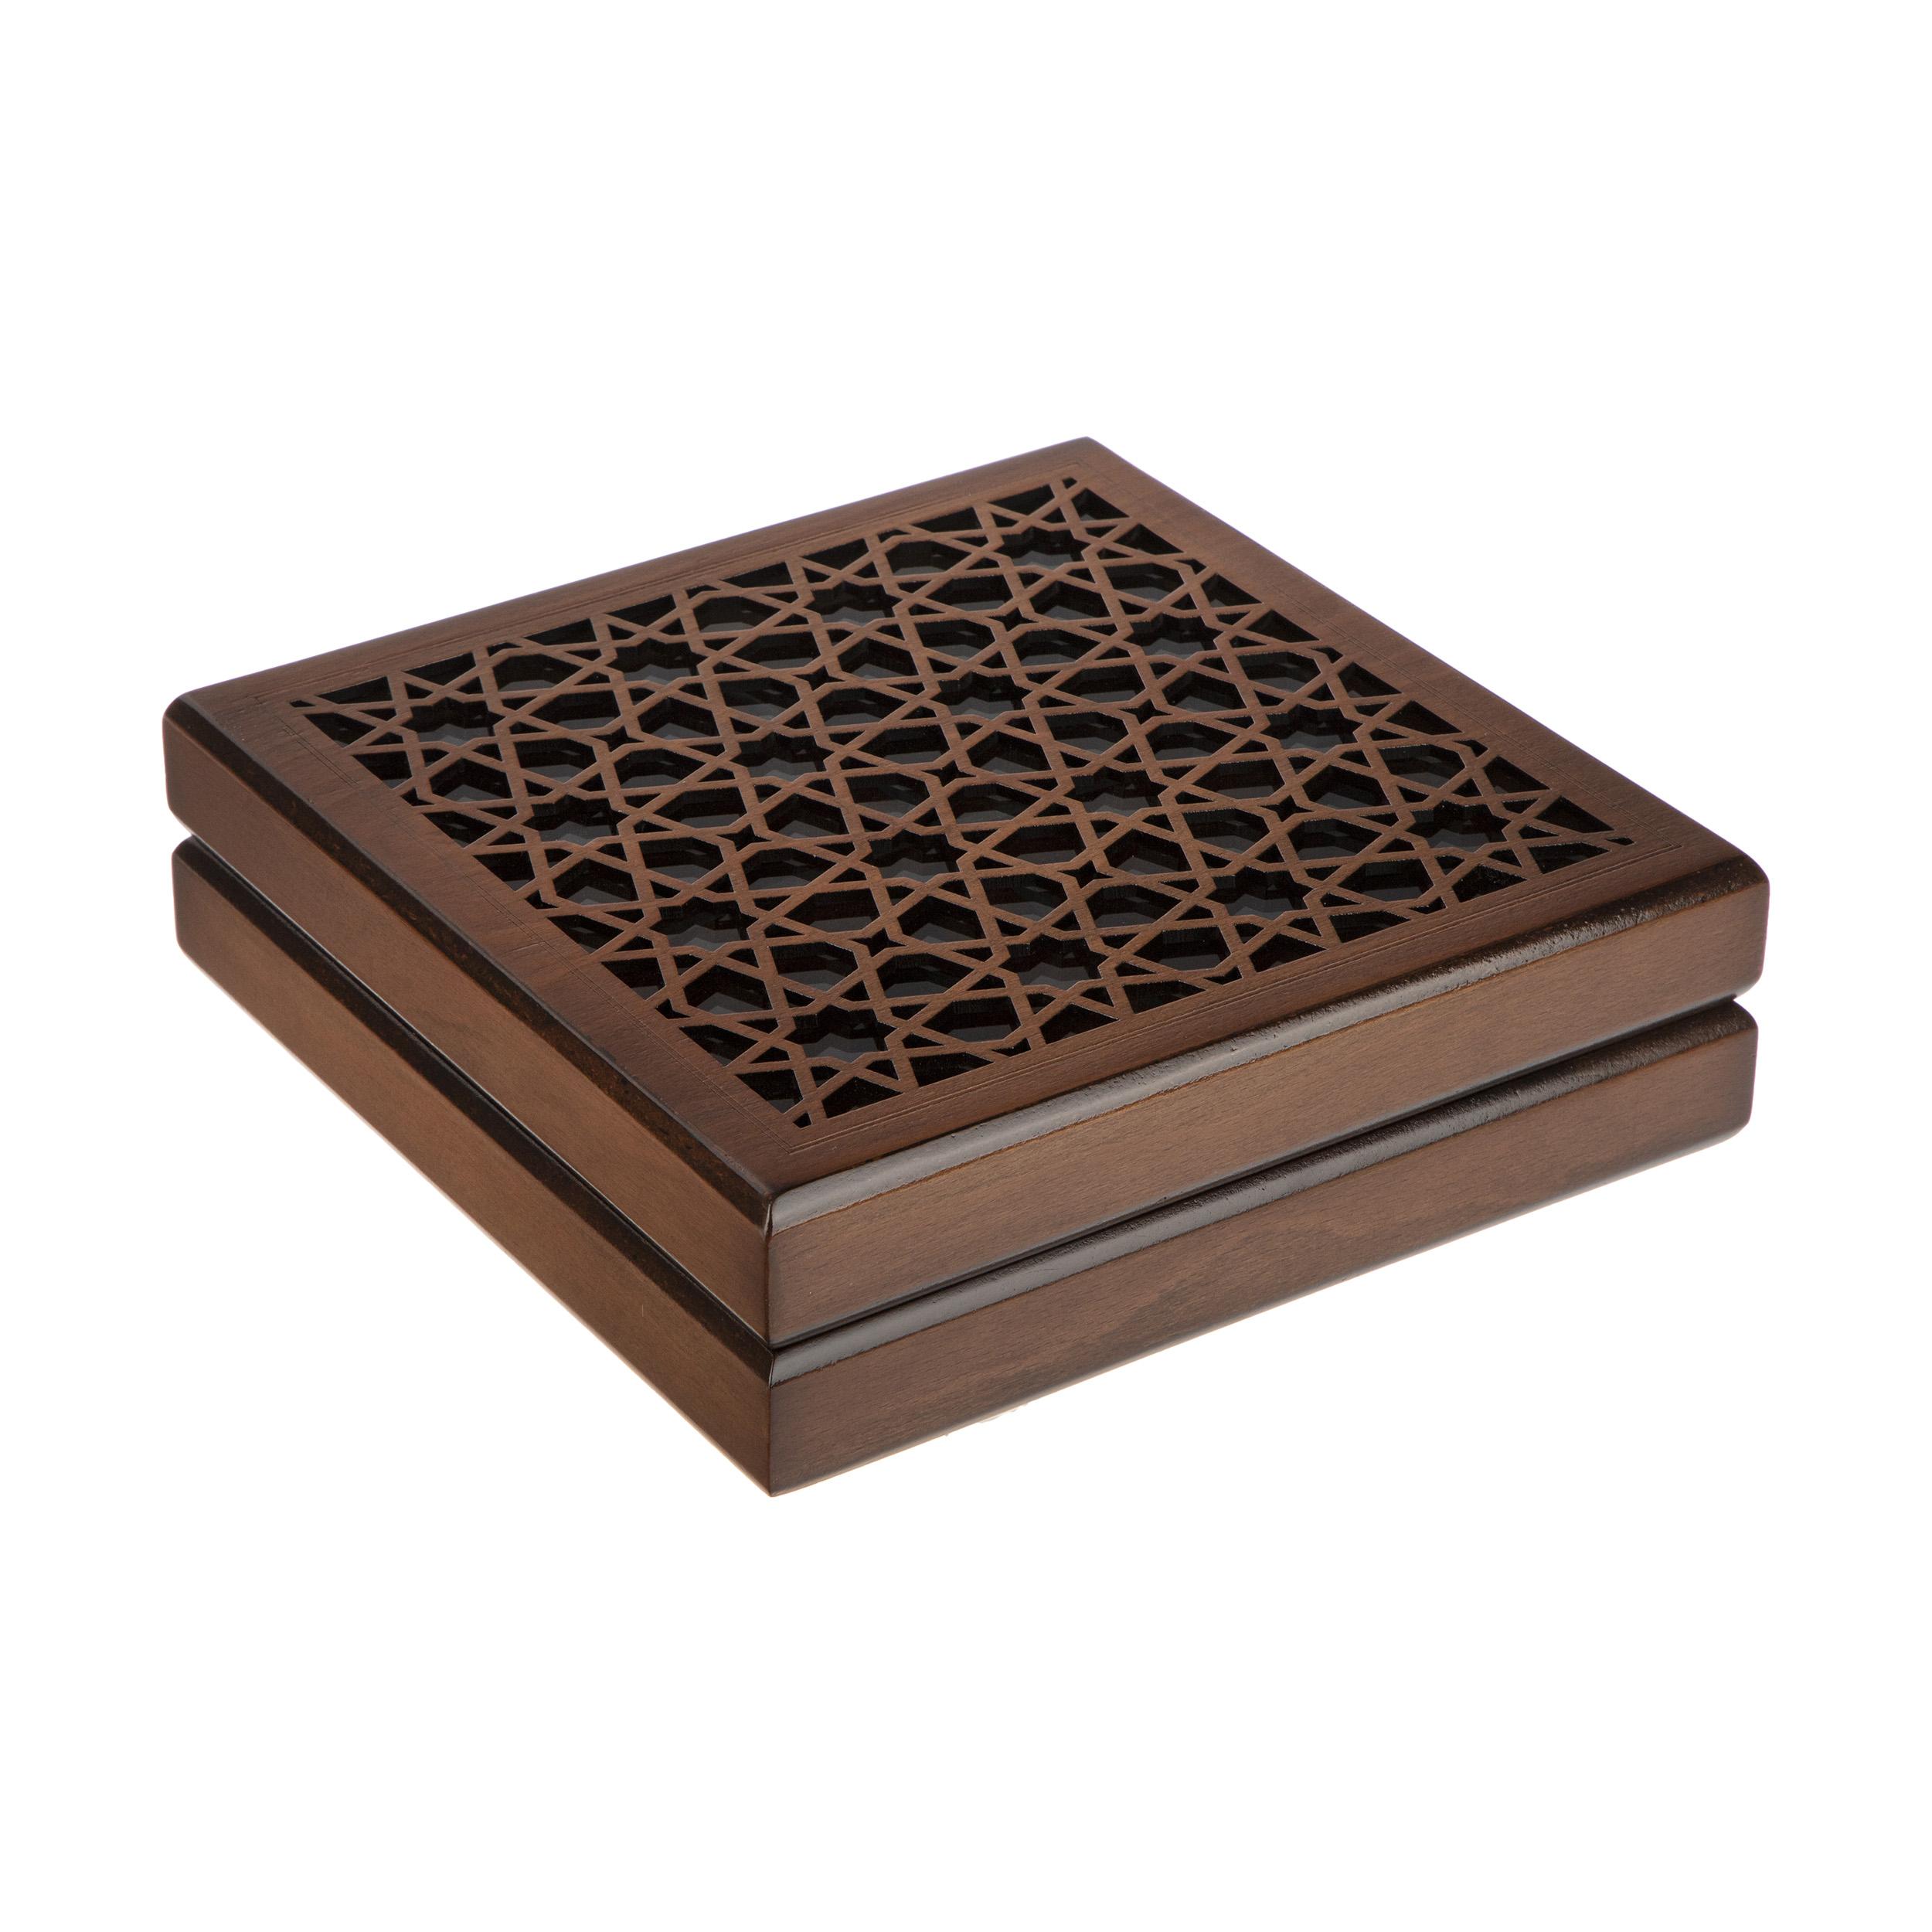 جعبه هدیه چوبی هُم آدیس مدل خاطره کد BT 032